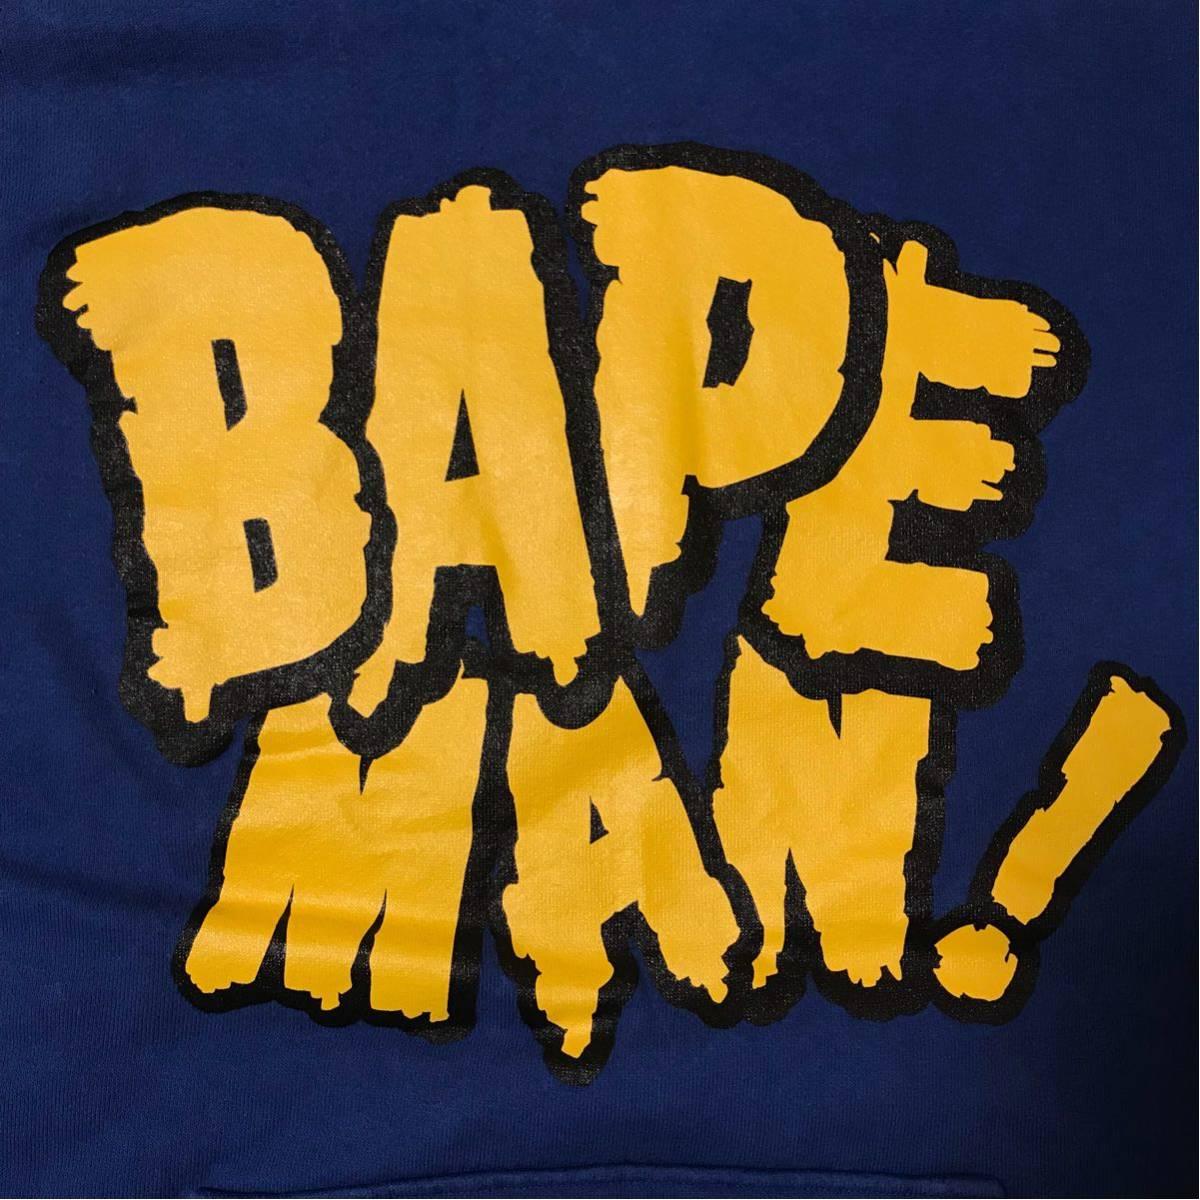 ★激レア★ 初期 bapeman パーカー M a bathing ape bape エイプ ベイプ shark シャーク ビンテージ 裏原宿 90s kaws futura stash nigo b